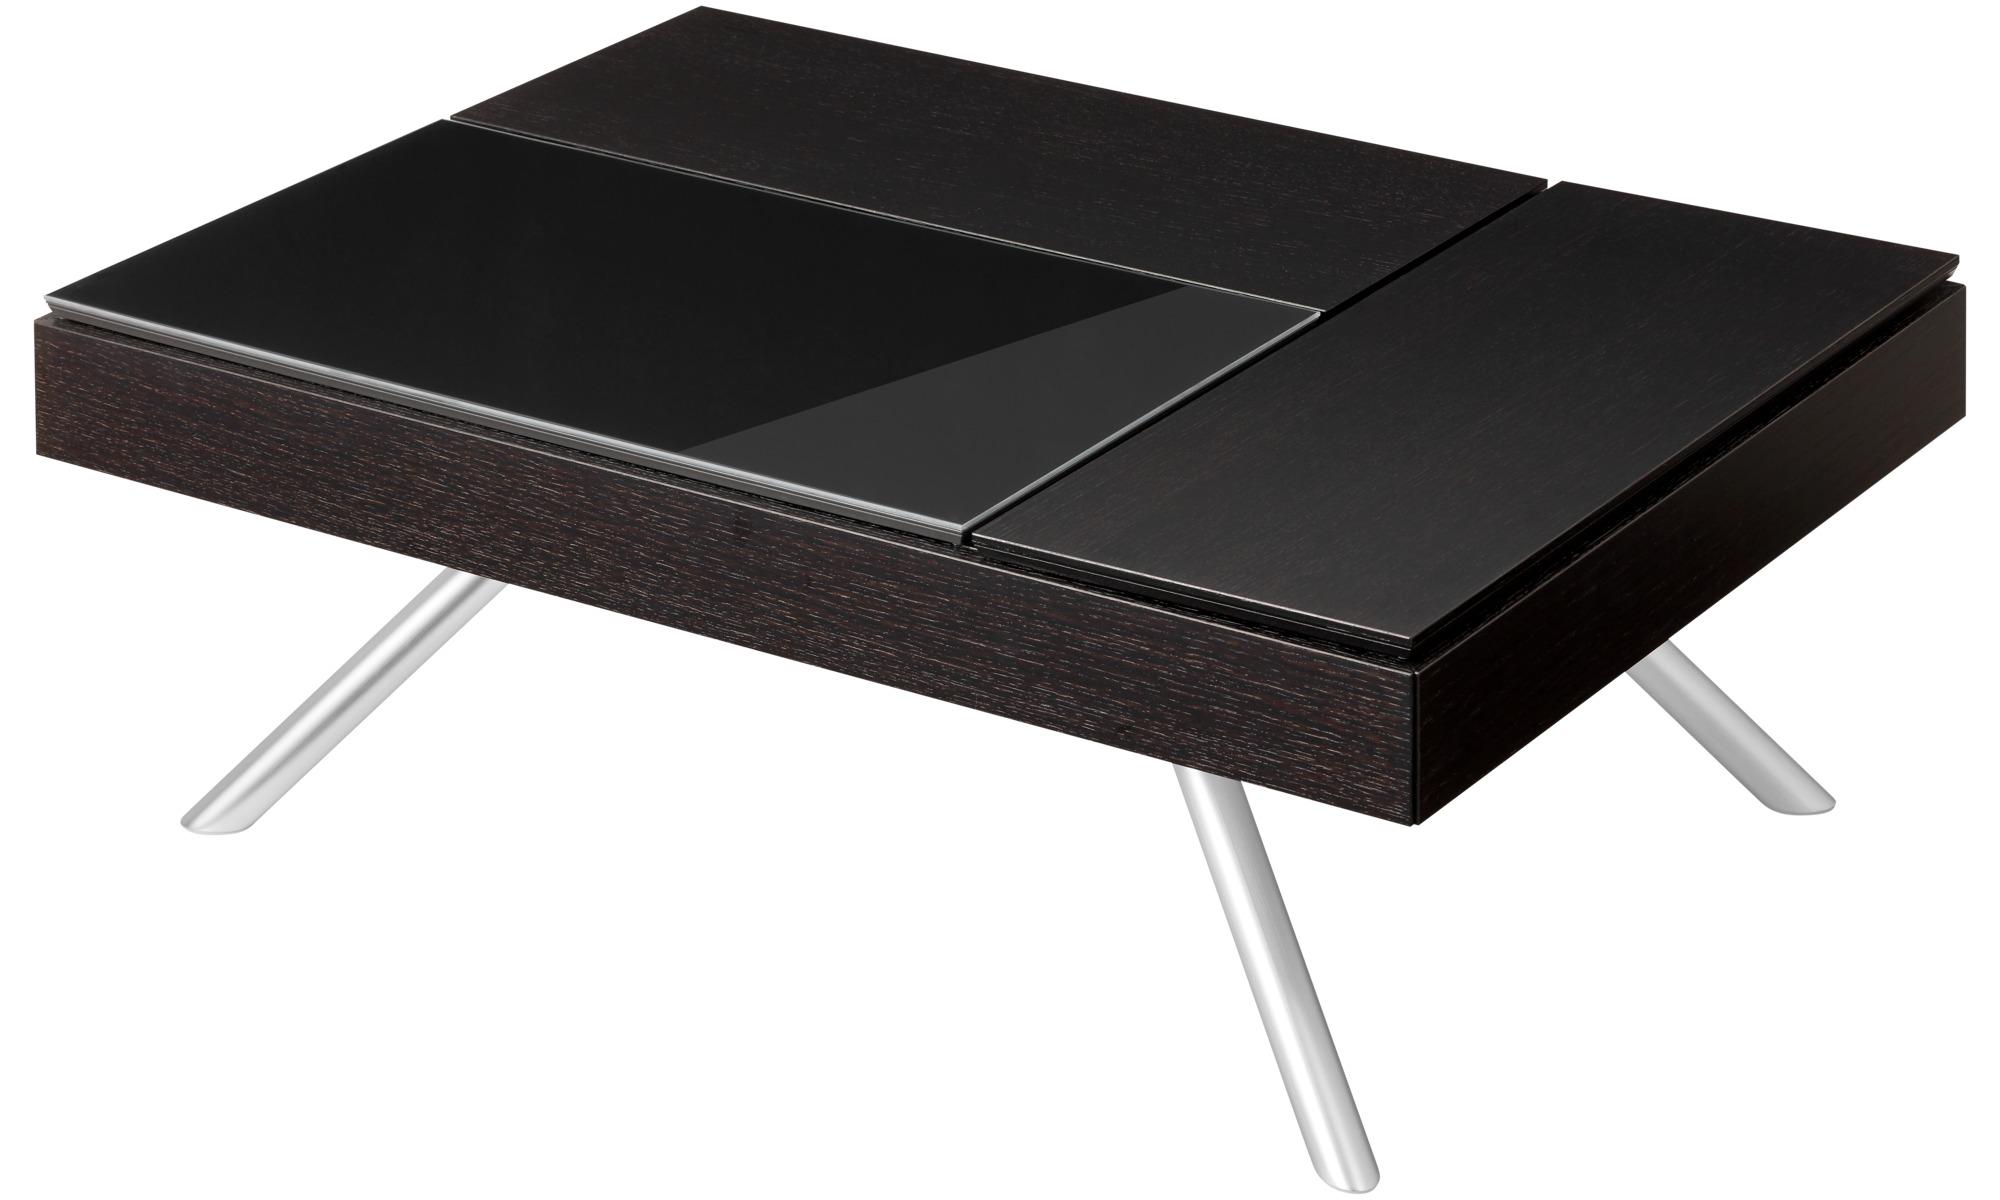 mesas de centro mesa de centro funcional chiva con espacio de almacenamiento boconcept. Black Bedroom Furniture Sets. Home Design Ideas